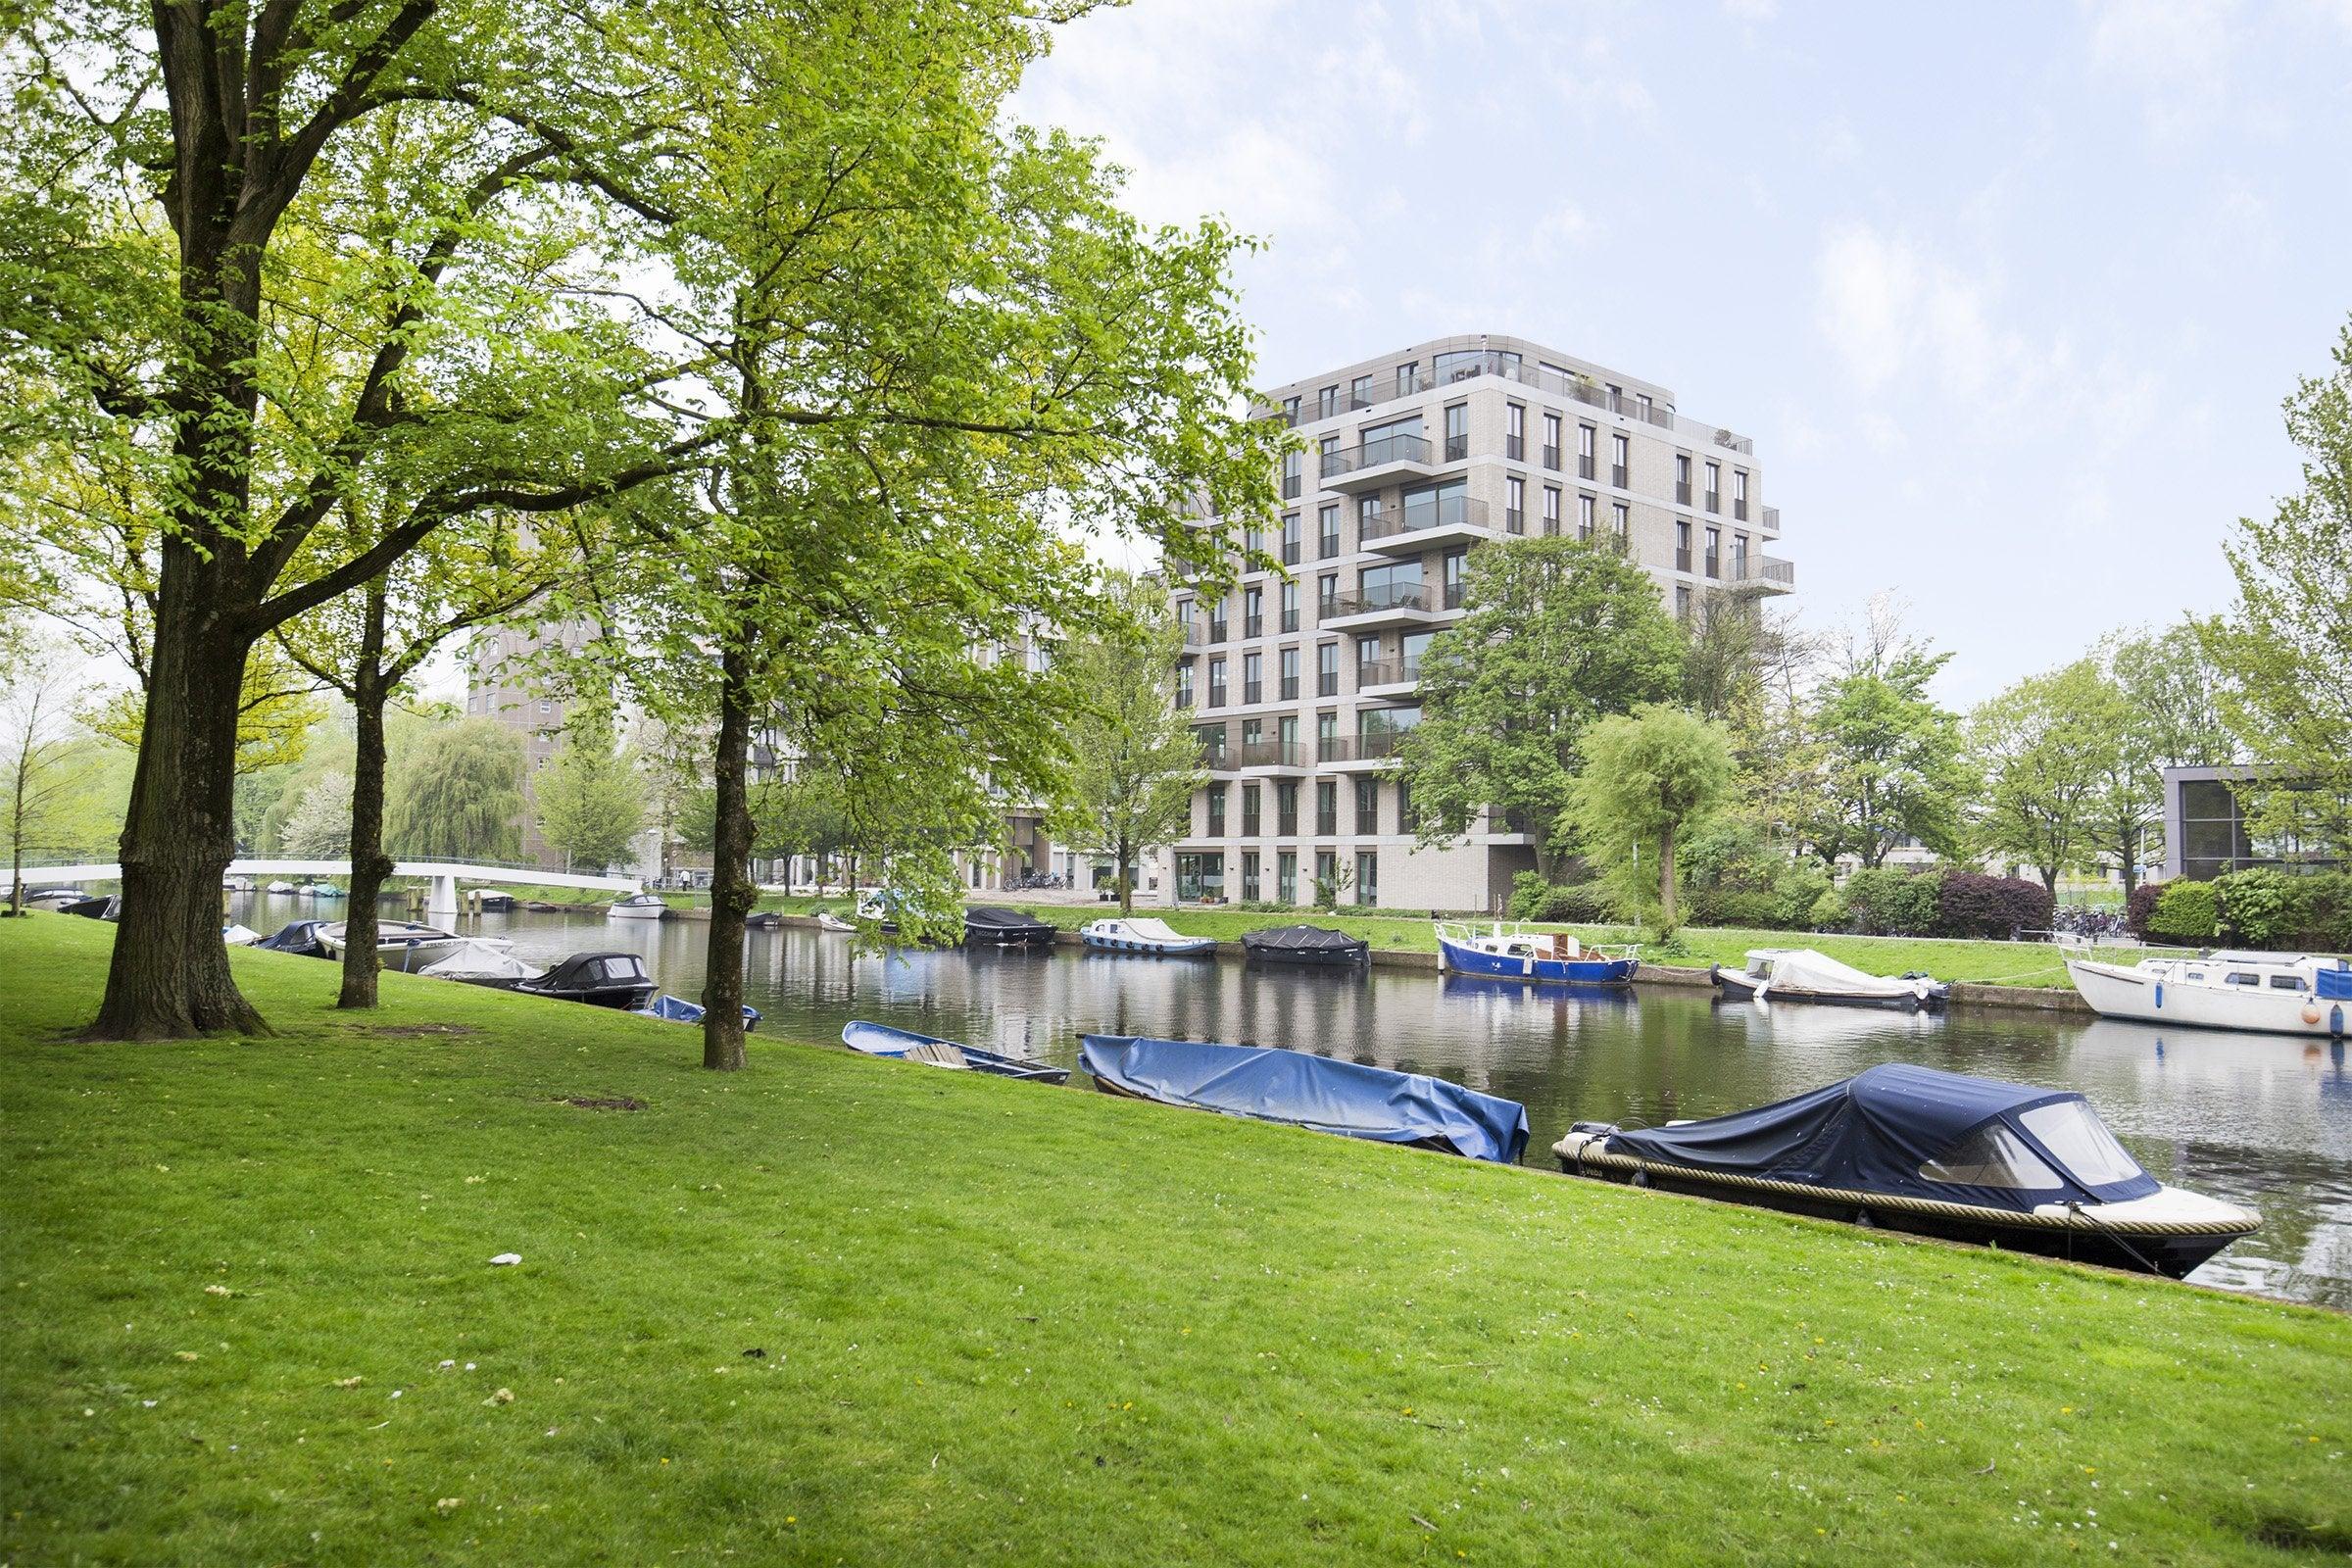 Poeldijkstraat